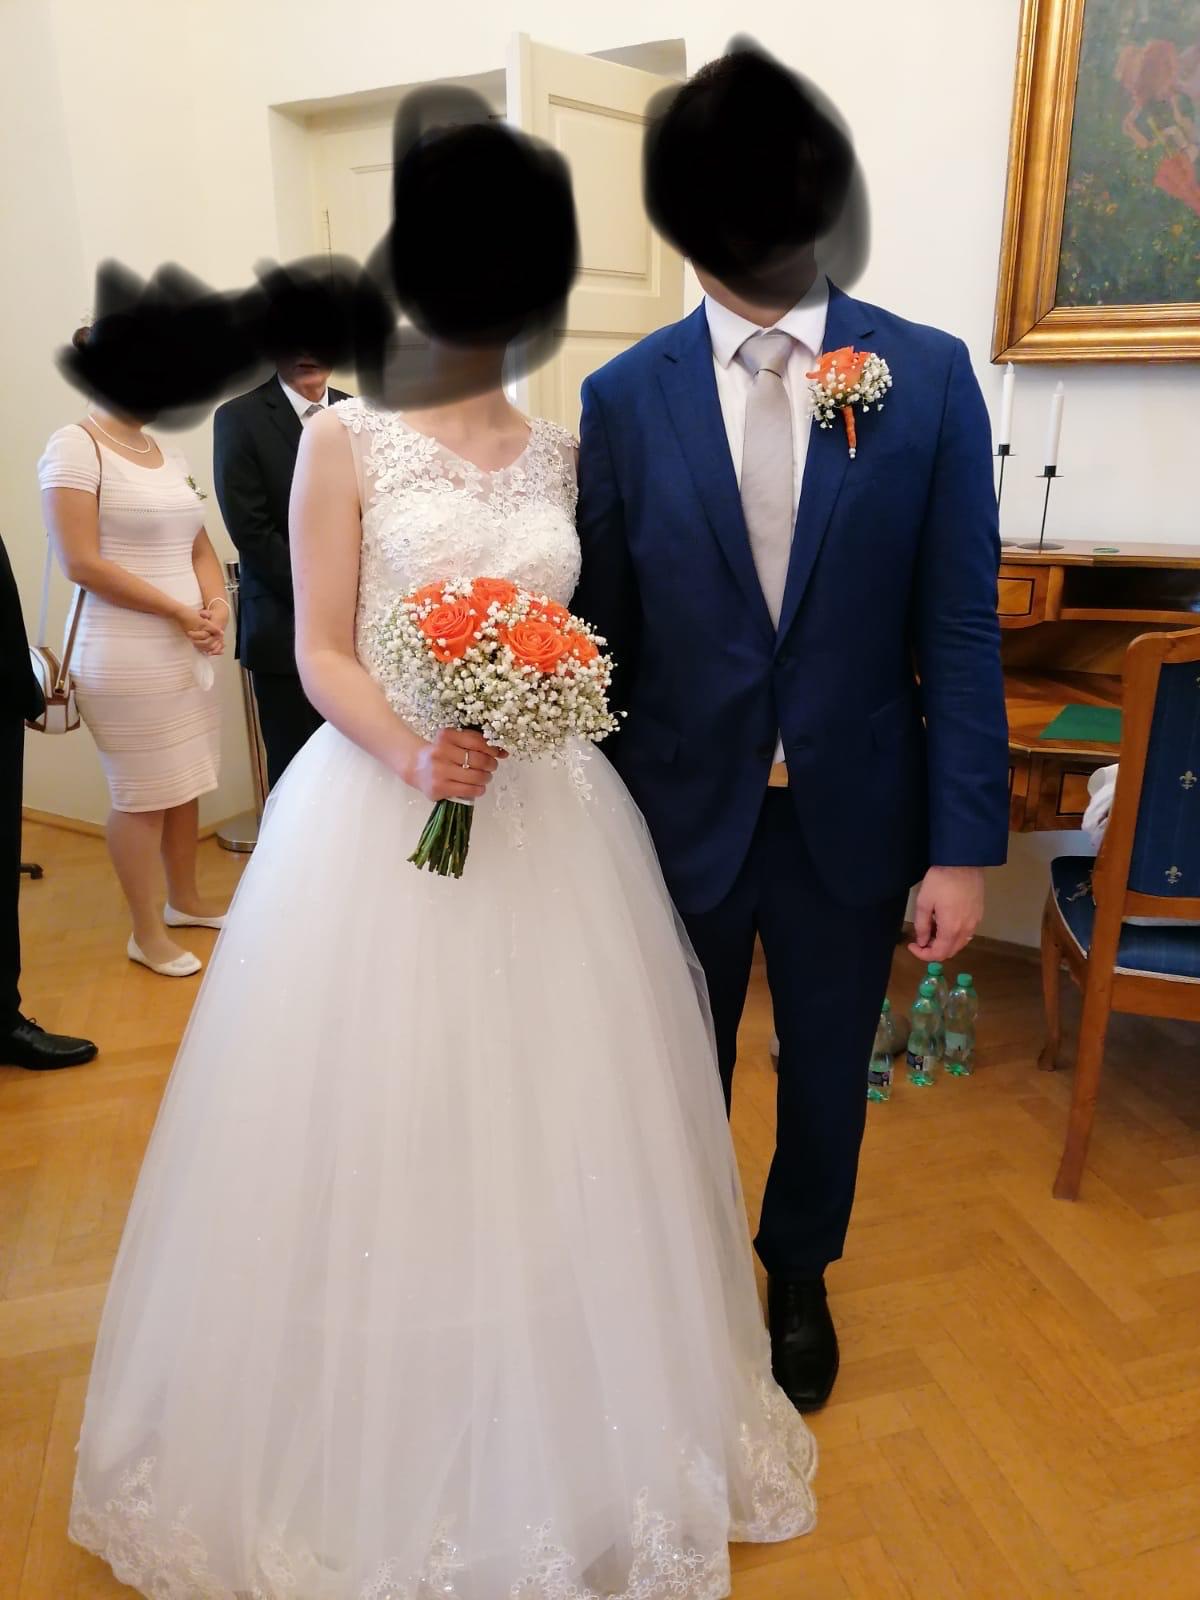 Šaty zdobené, s kruhovou spodnici a bolérkem, šaty vel. S - L - Obrázek č. 1